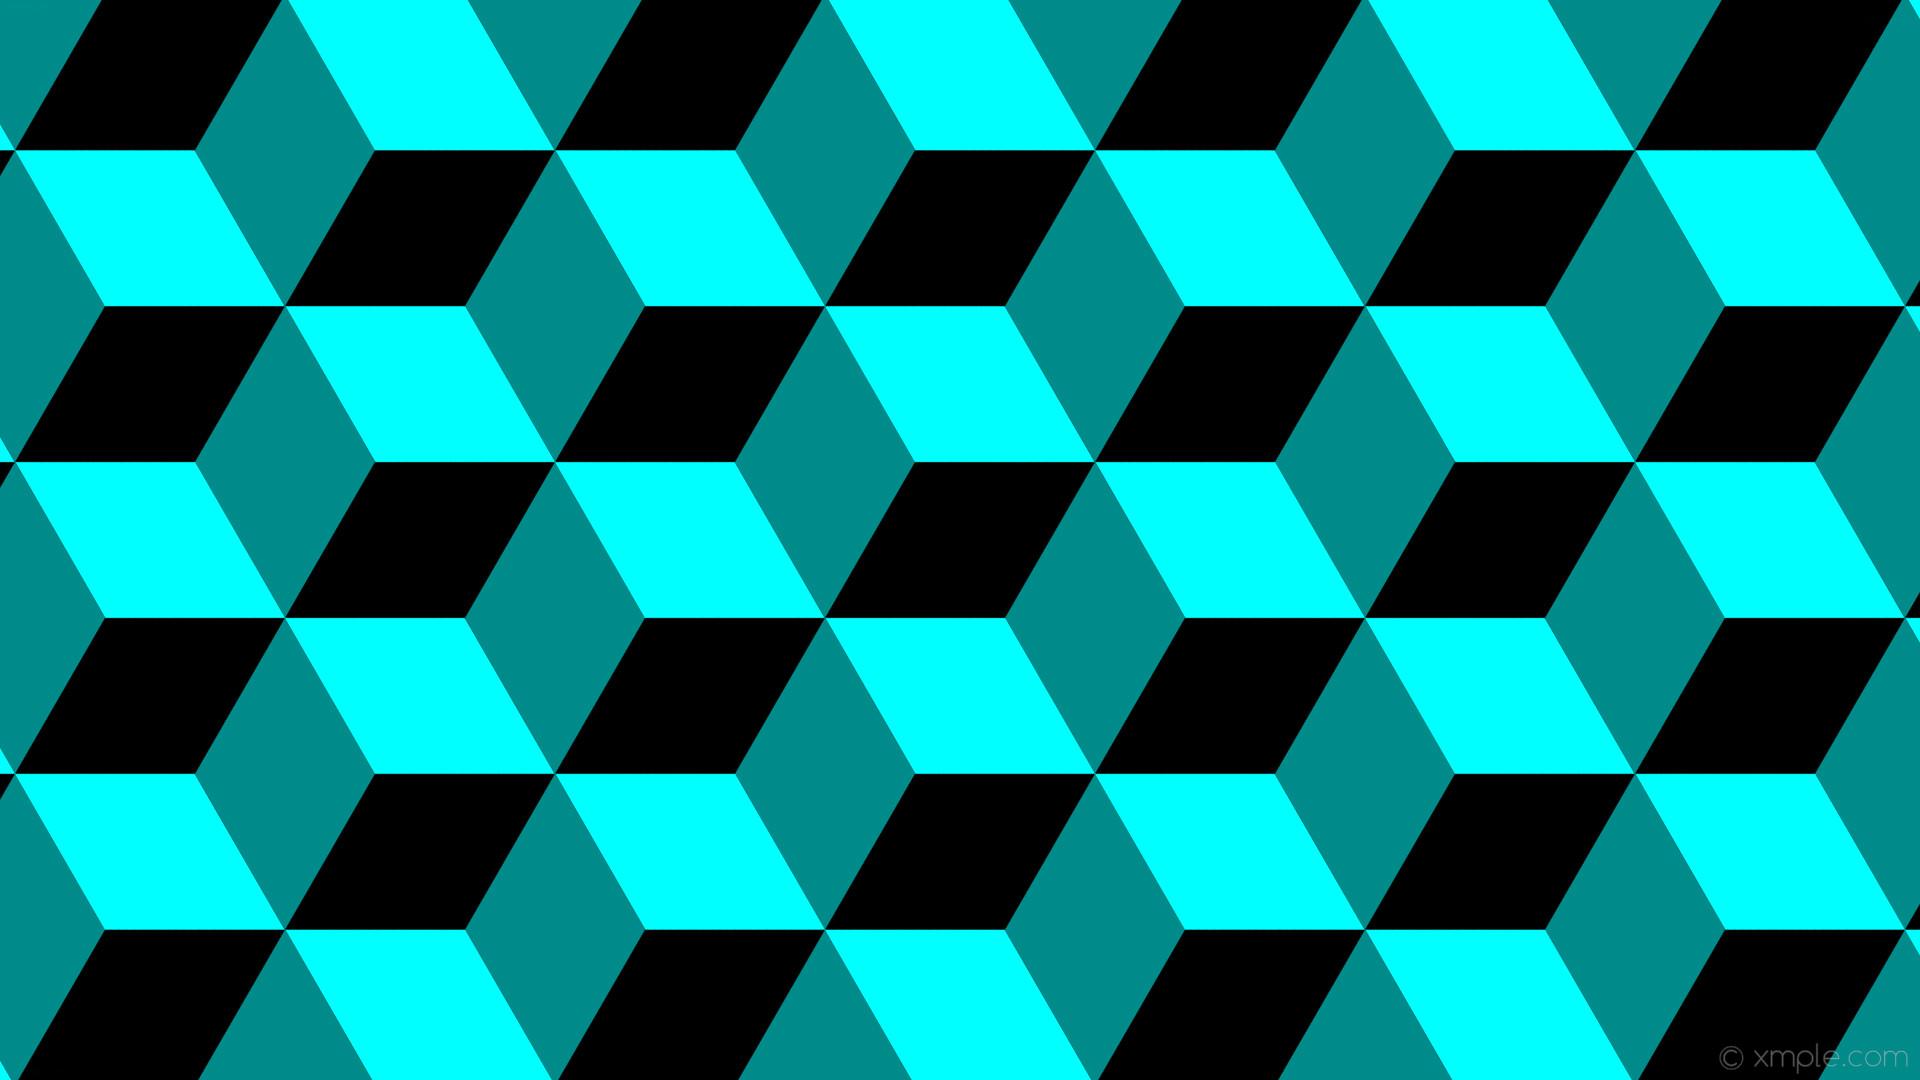 aqua blue wallpaper 68 images